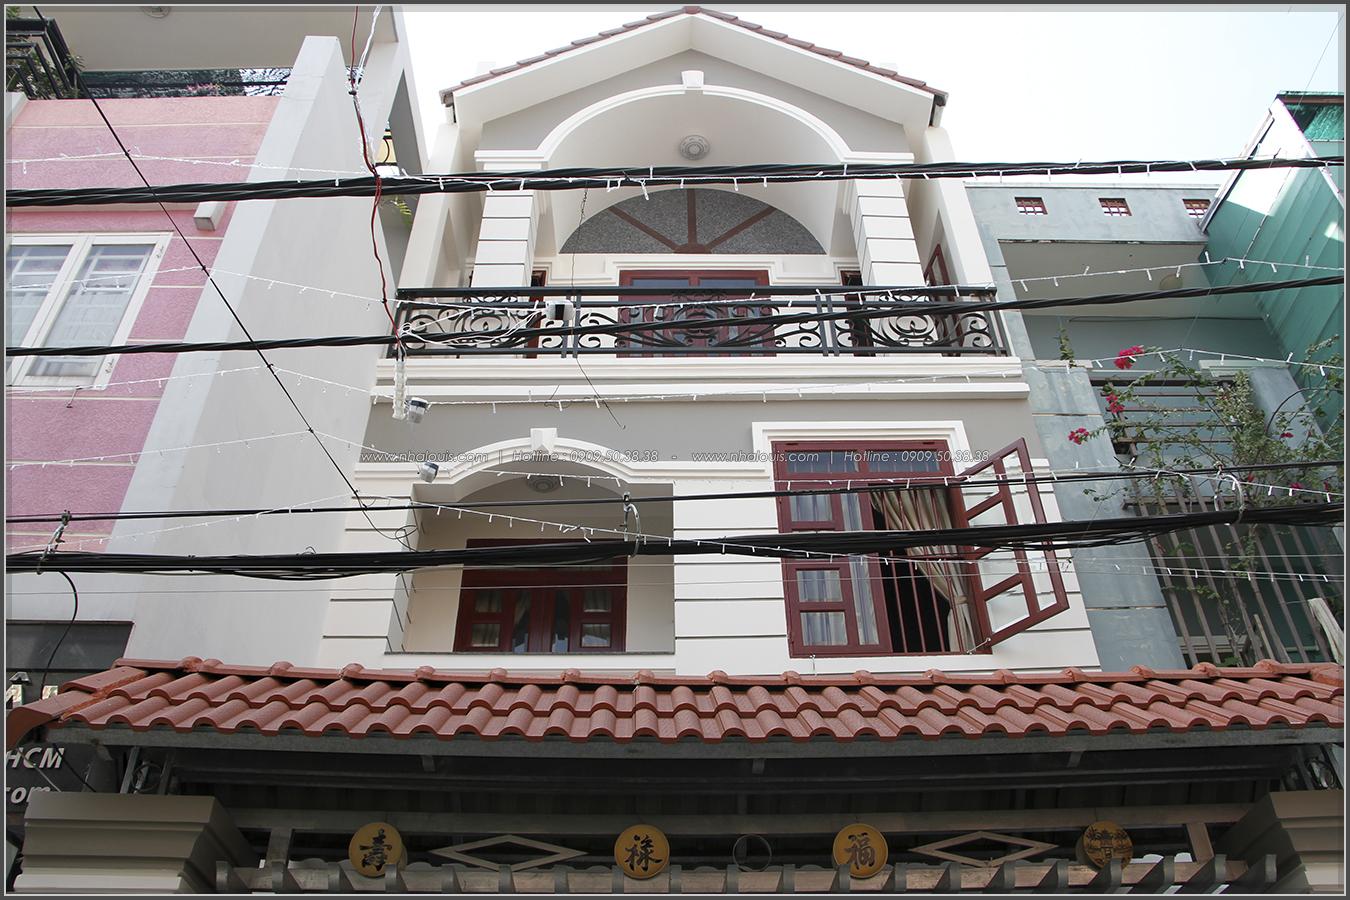 Nhà phố 3 tầng với chốn thờ phụng uy nghiêm của nghệ nhân ưu tú